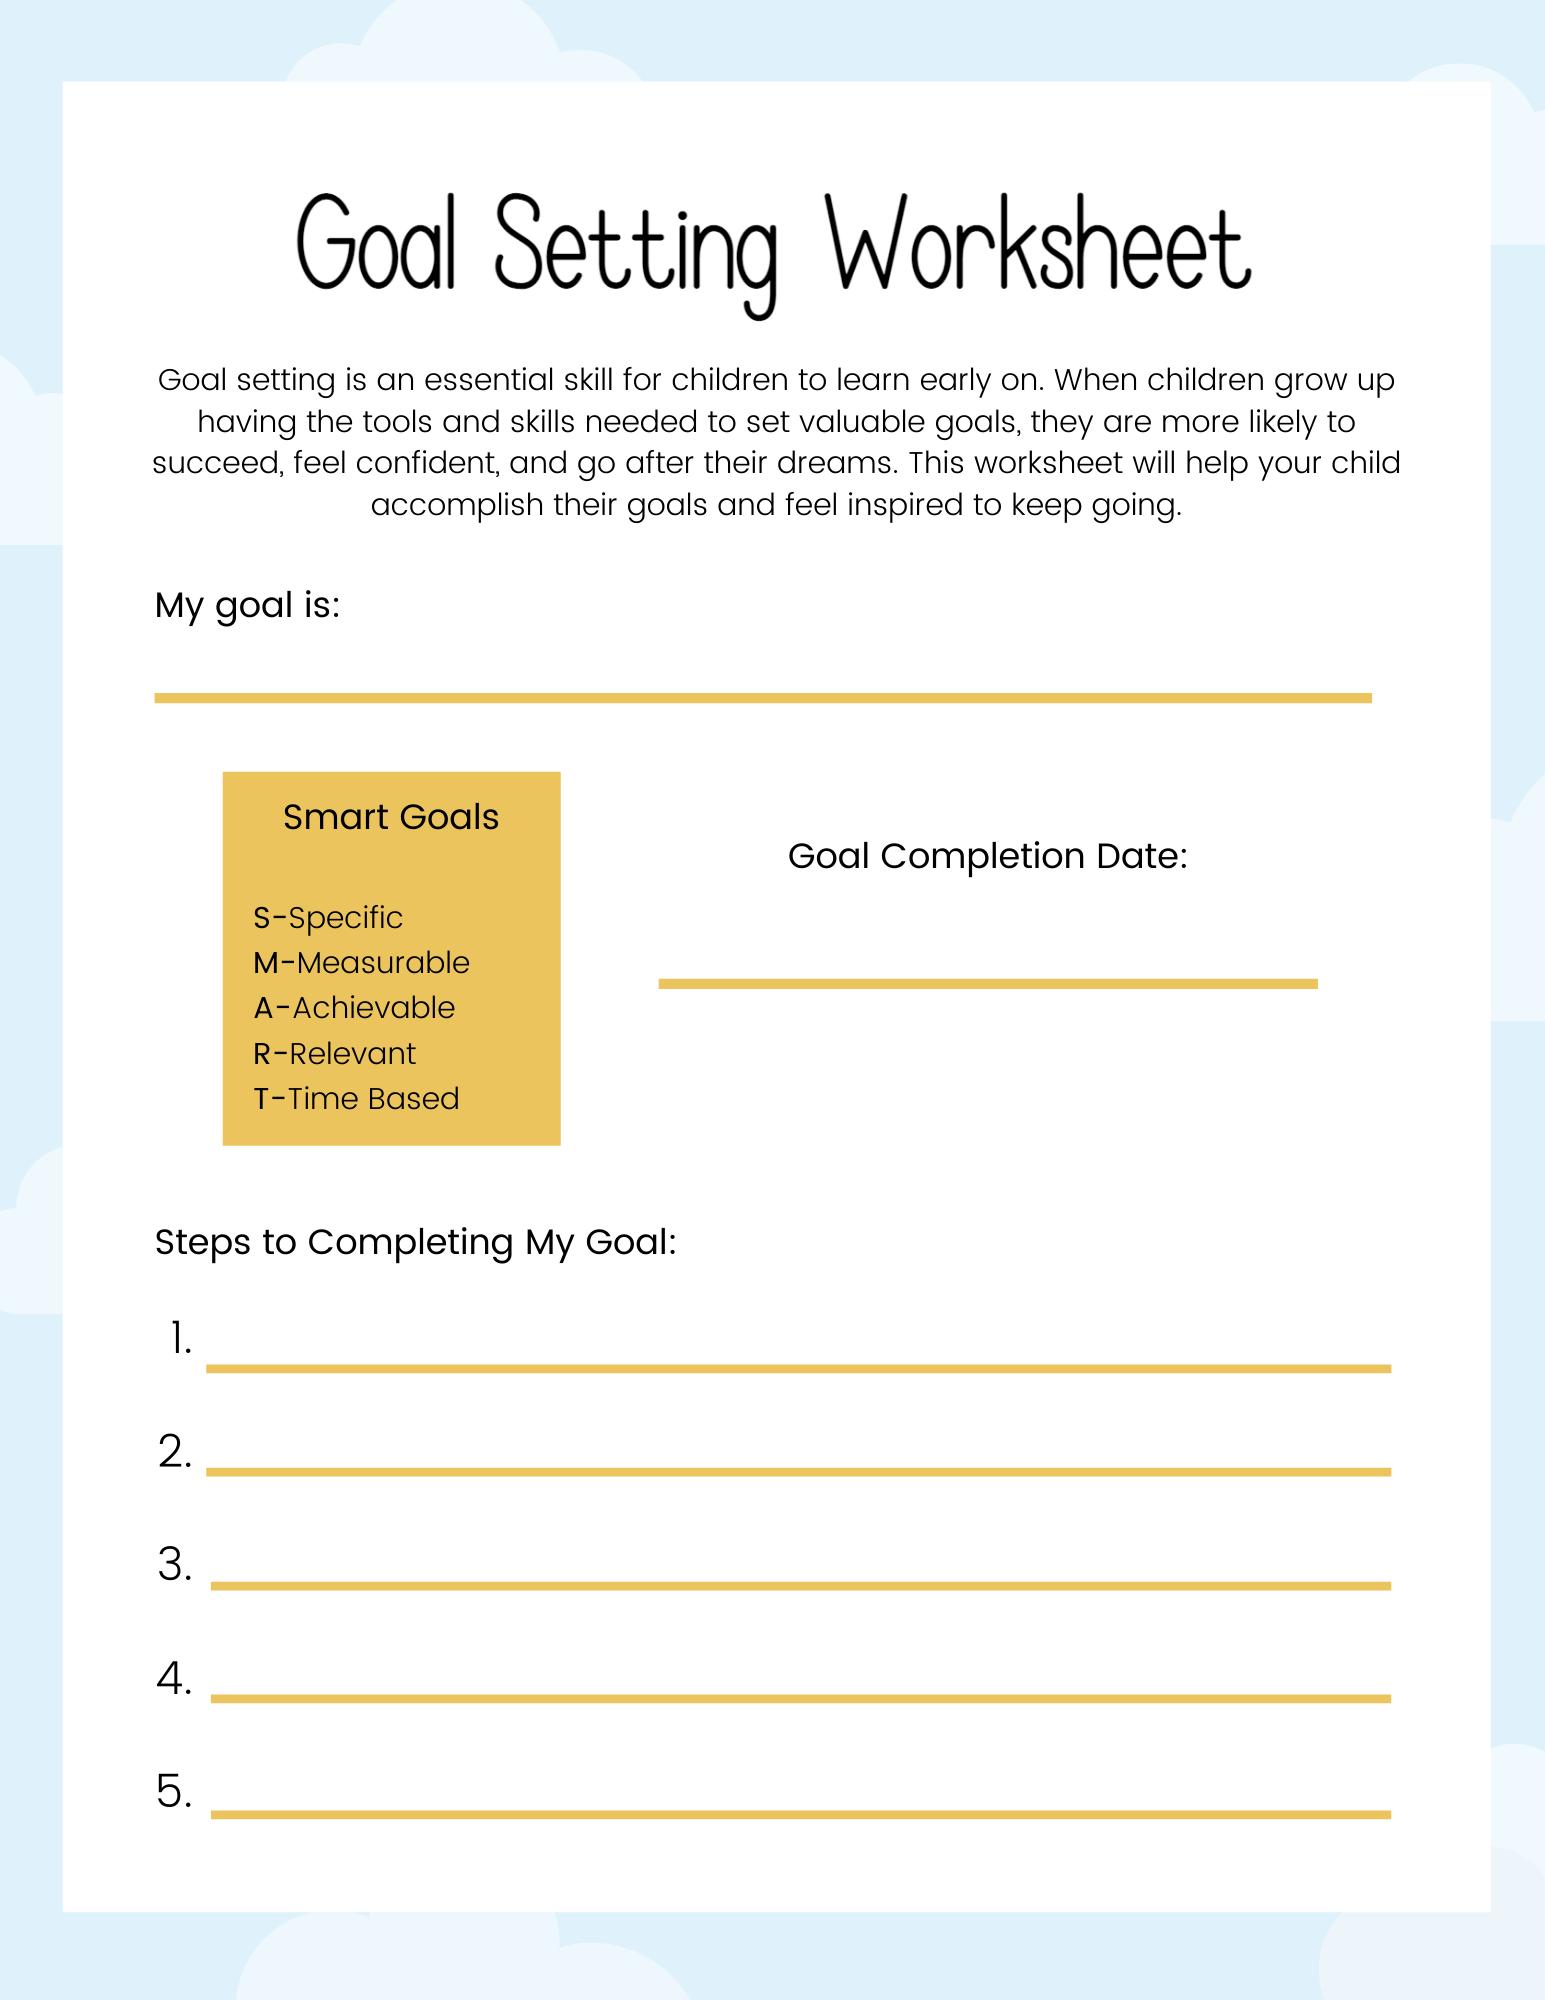 Blossom's Goal-Setting Worksheet